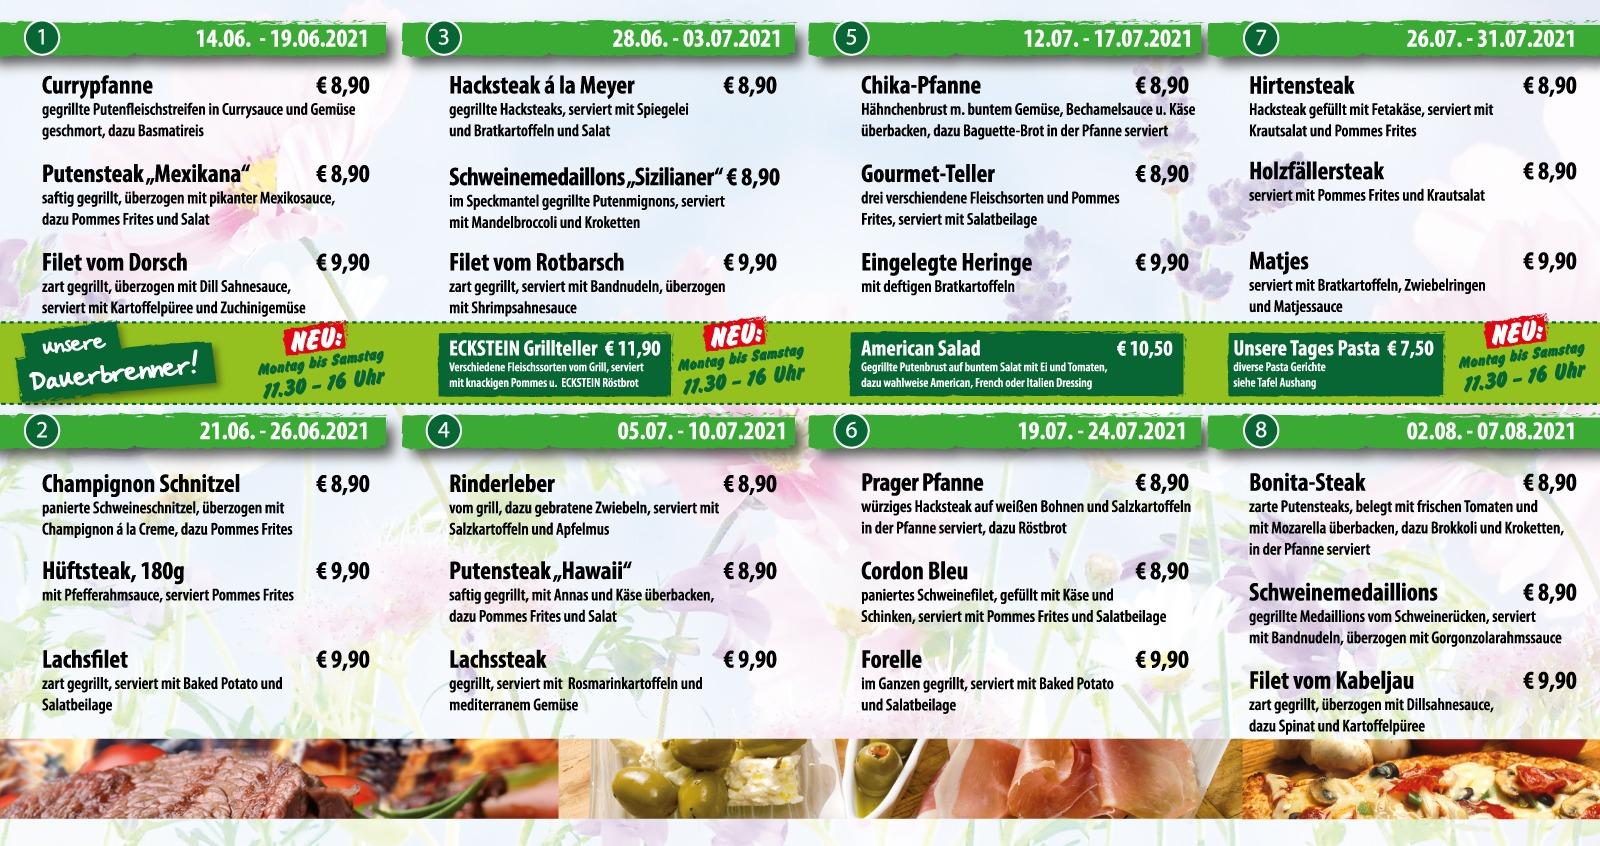 Eckstein-Restaurant-Eimsbüttel-Burger-Steaks-Fisch-Mittagstisch1